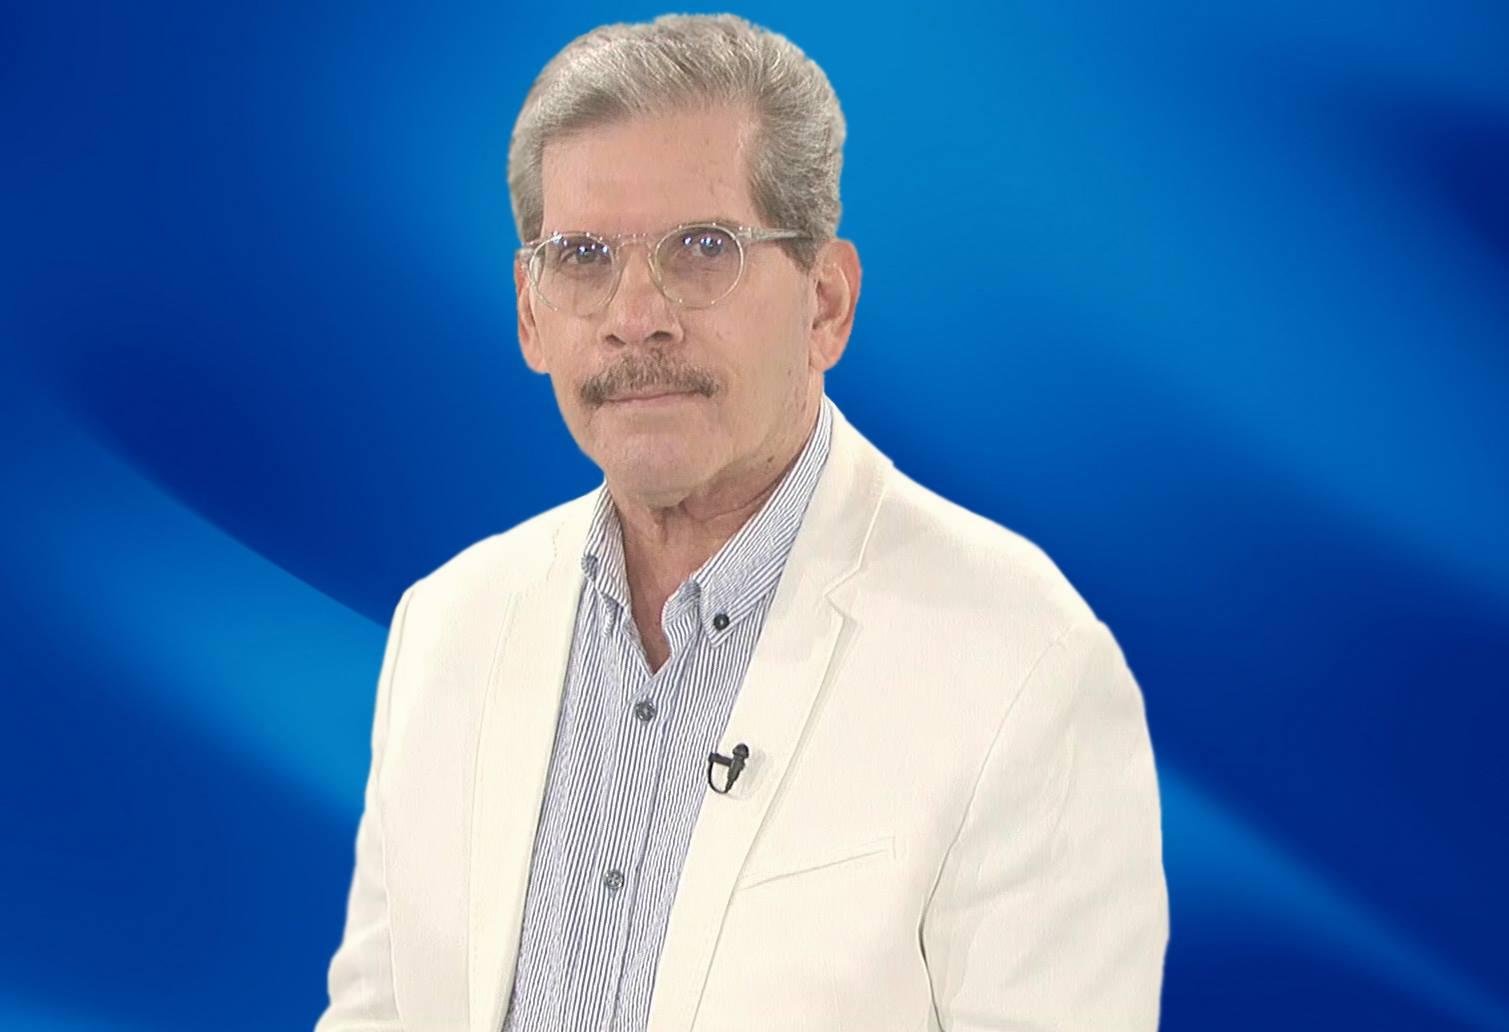 DrFigueroa author